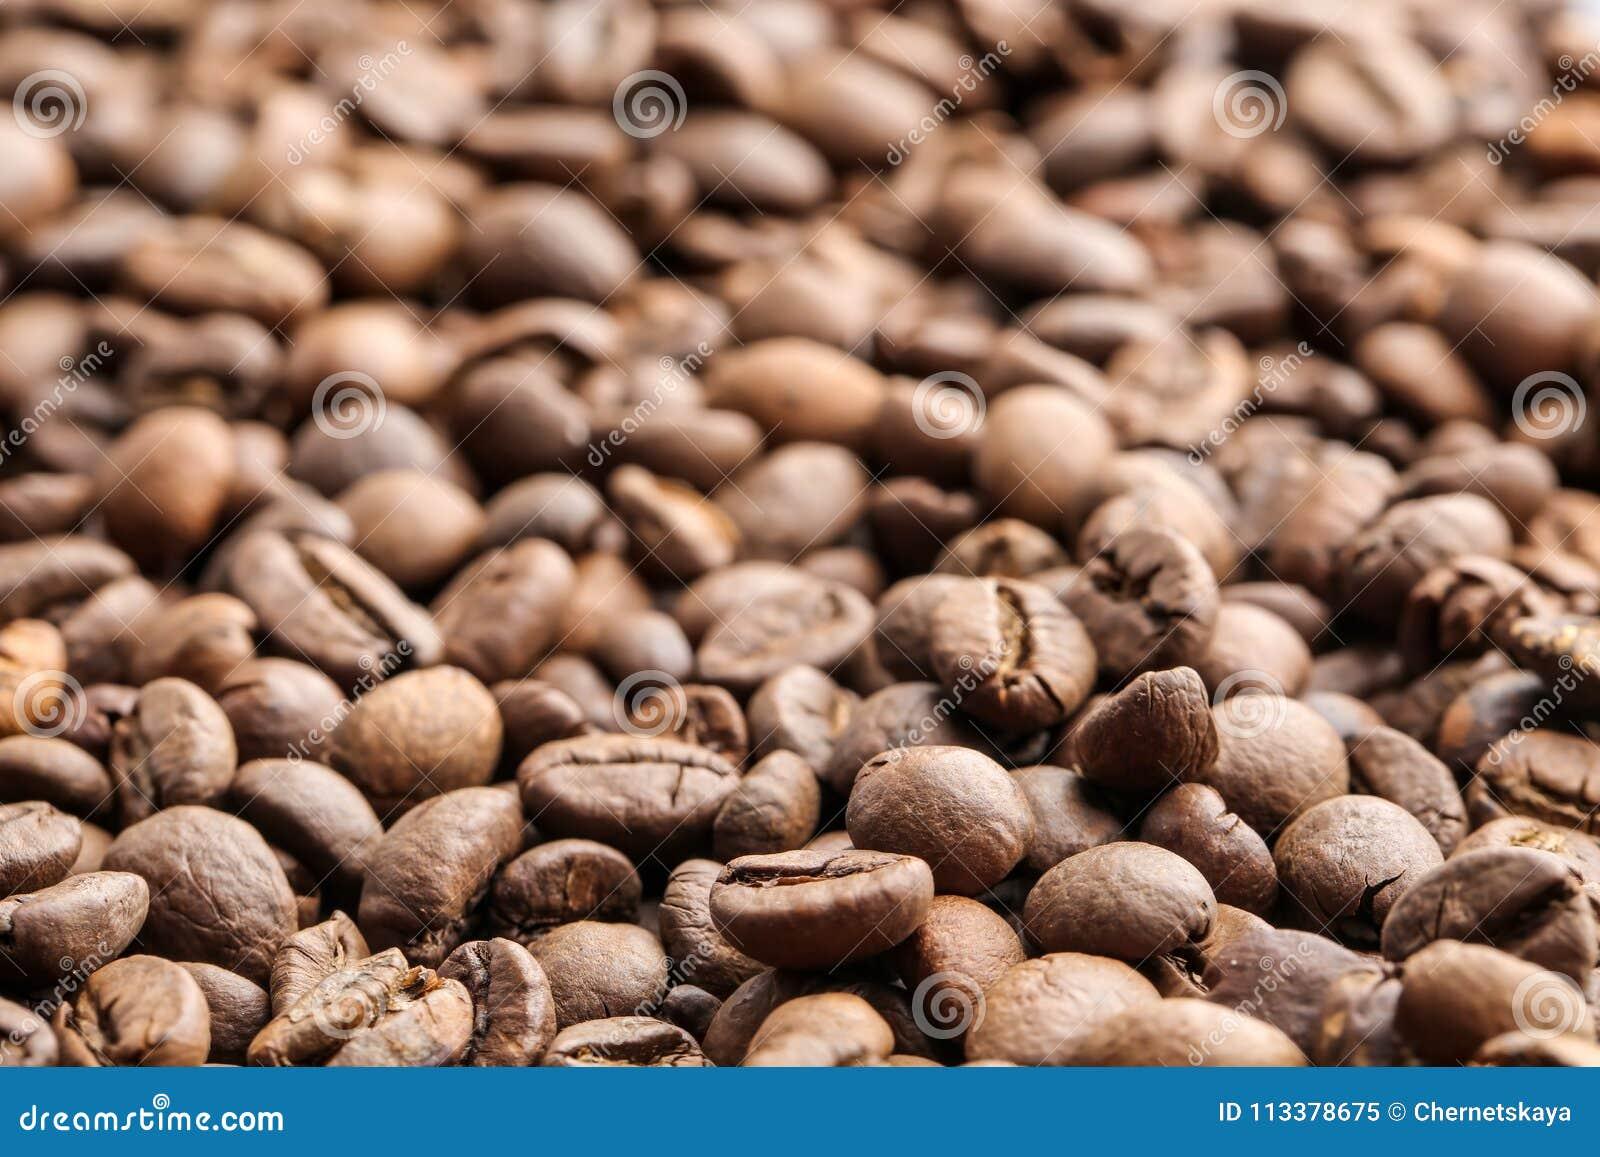 De bonen van de koffie, close-up